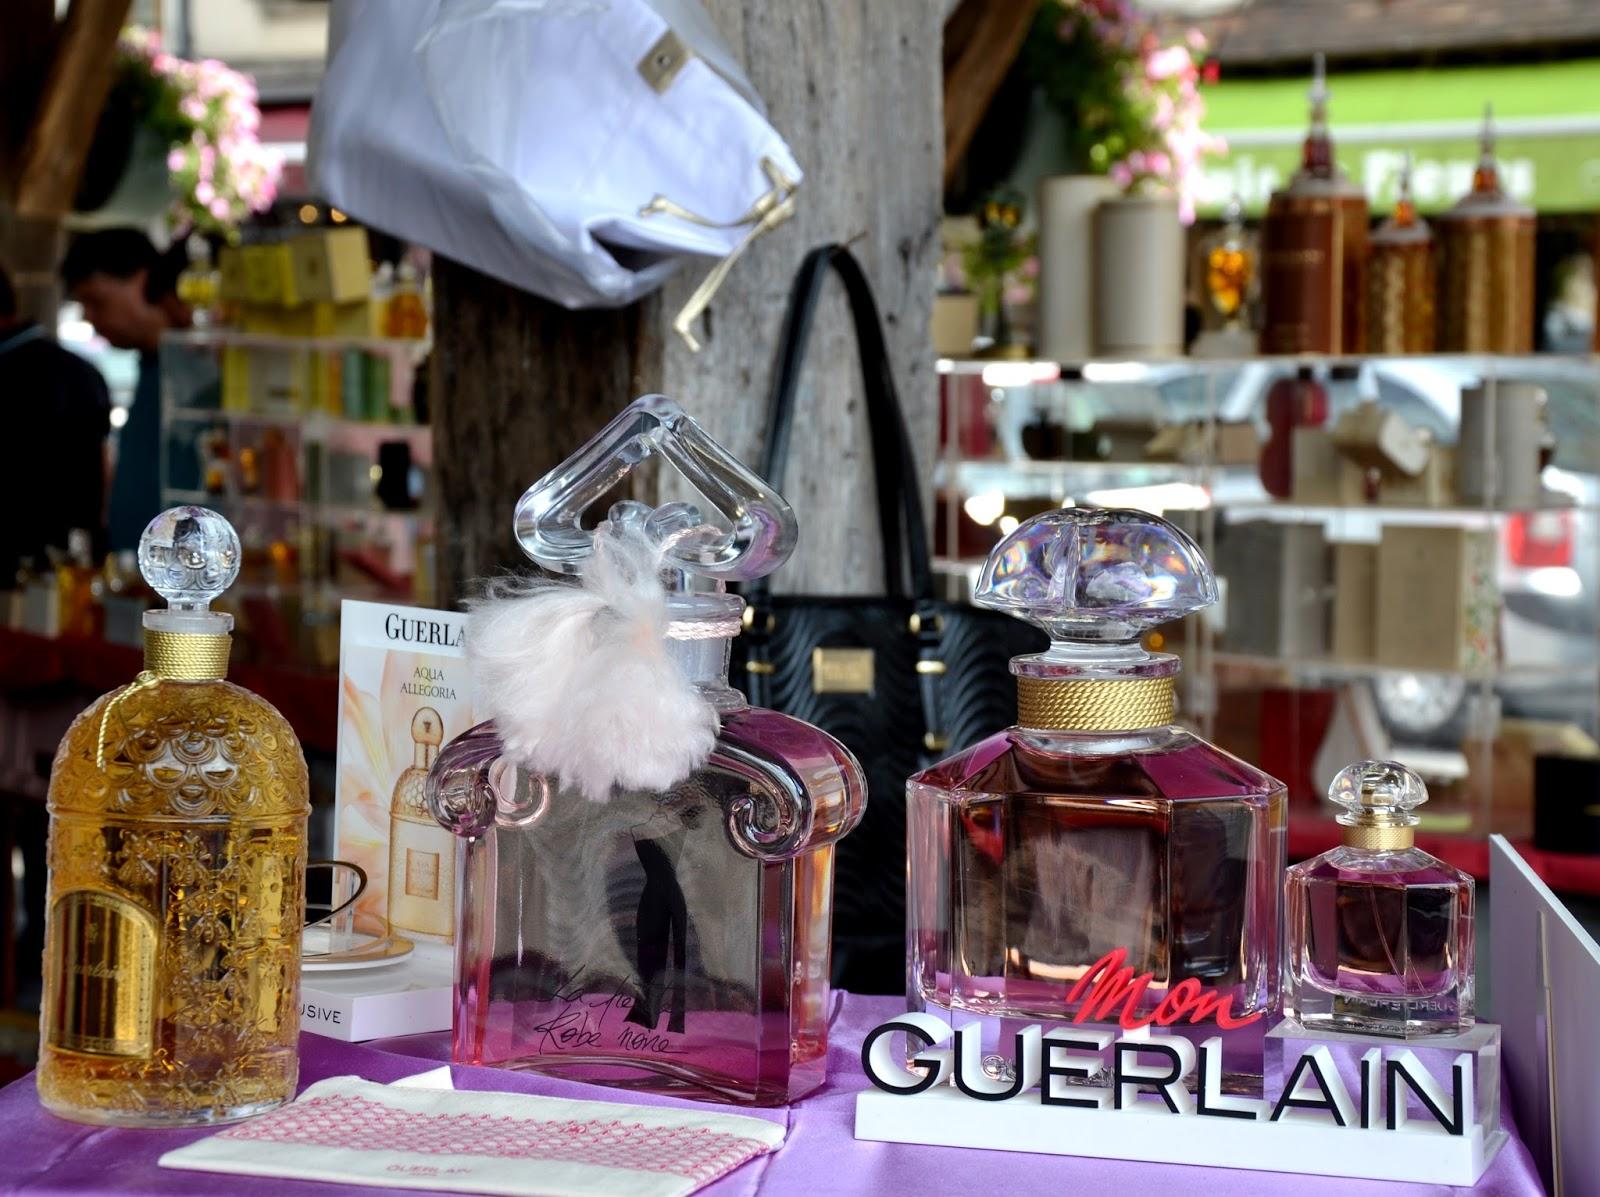 Salon Du De A Organisateur La Foret28eme Flacon Milly Parfum PXiTZOuk